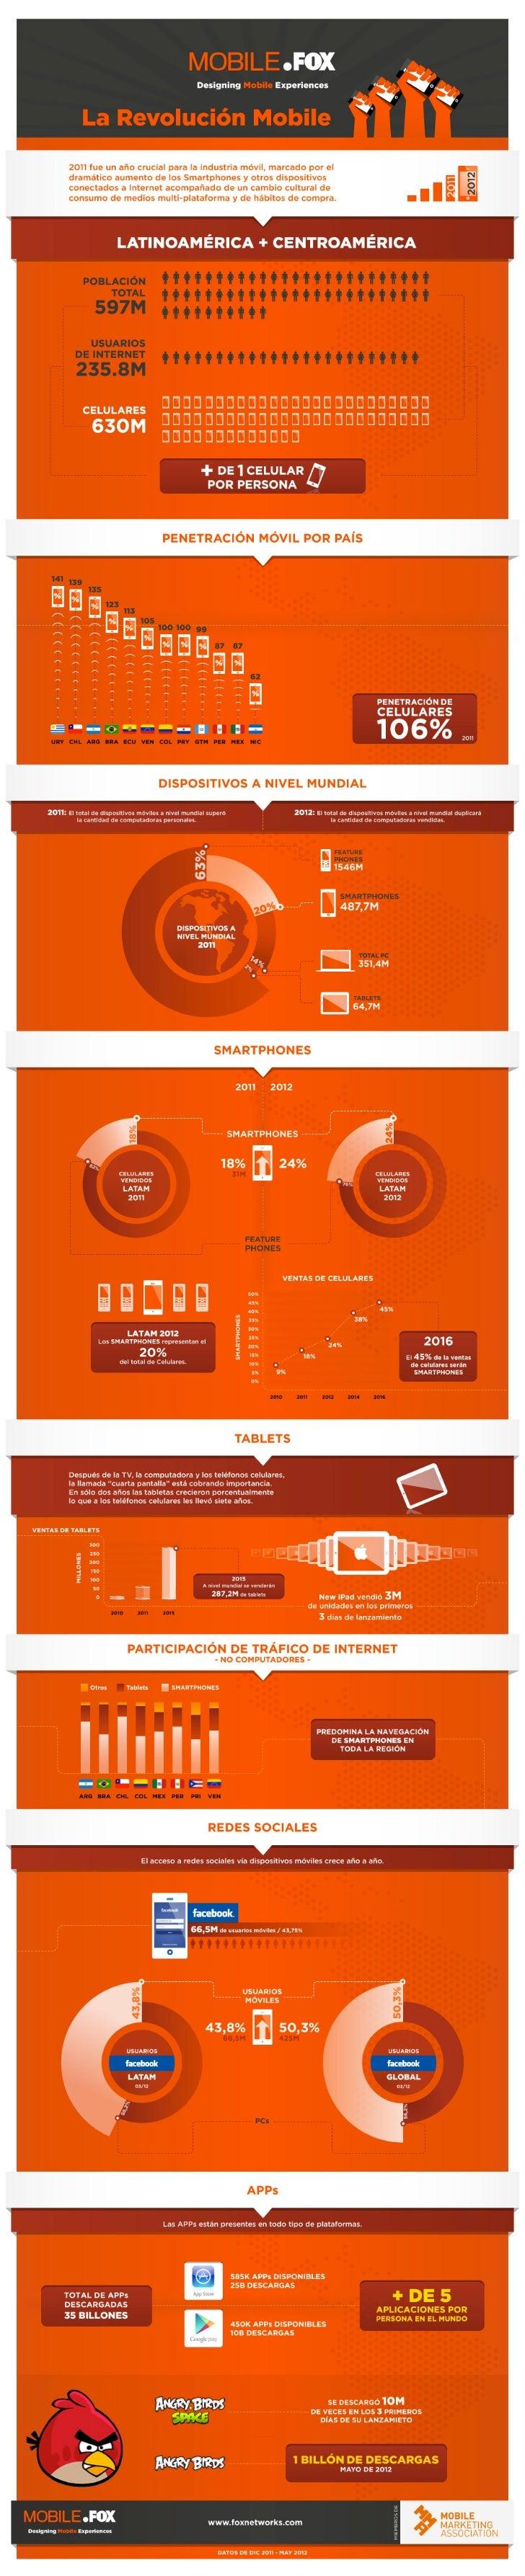 Mobile.fox infografía(es)